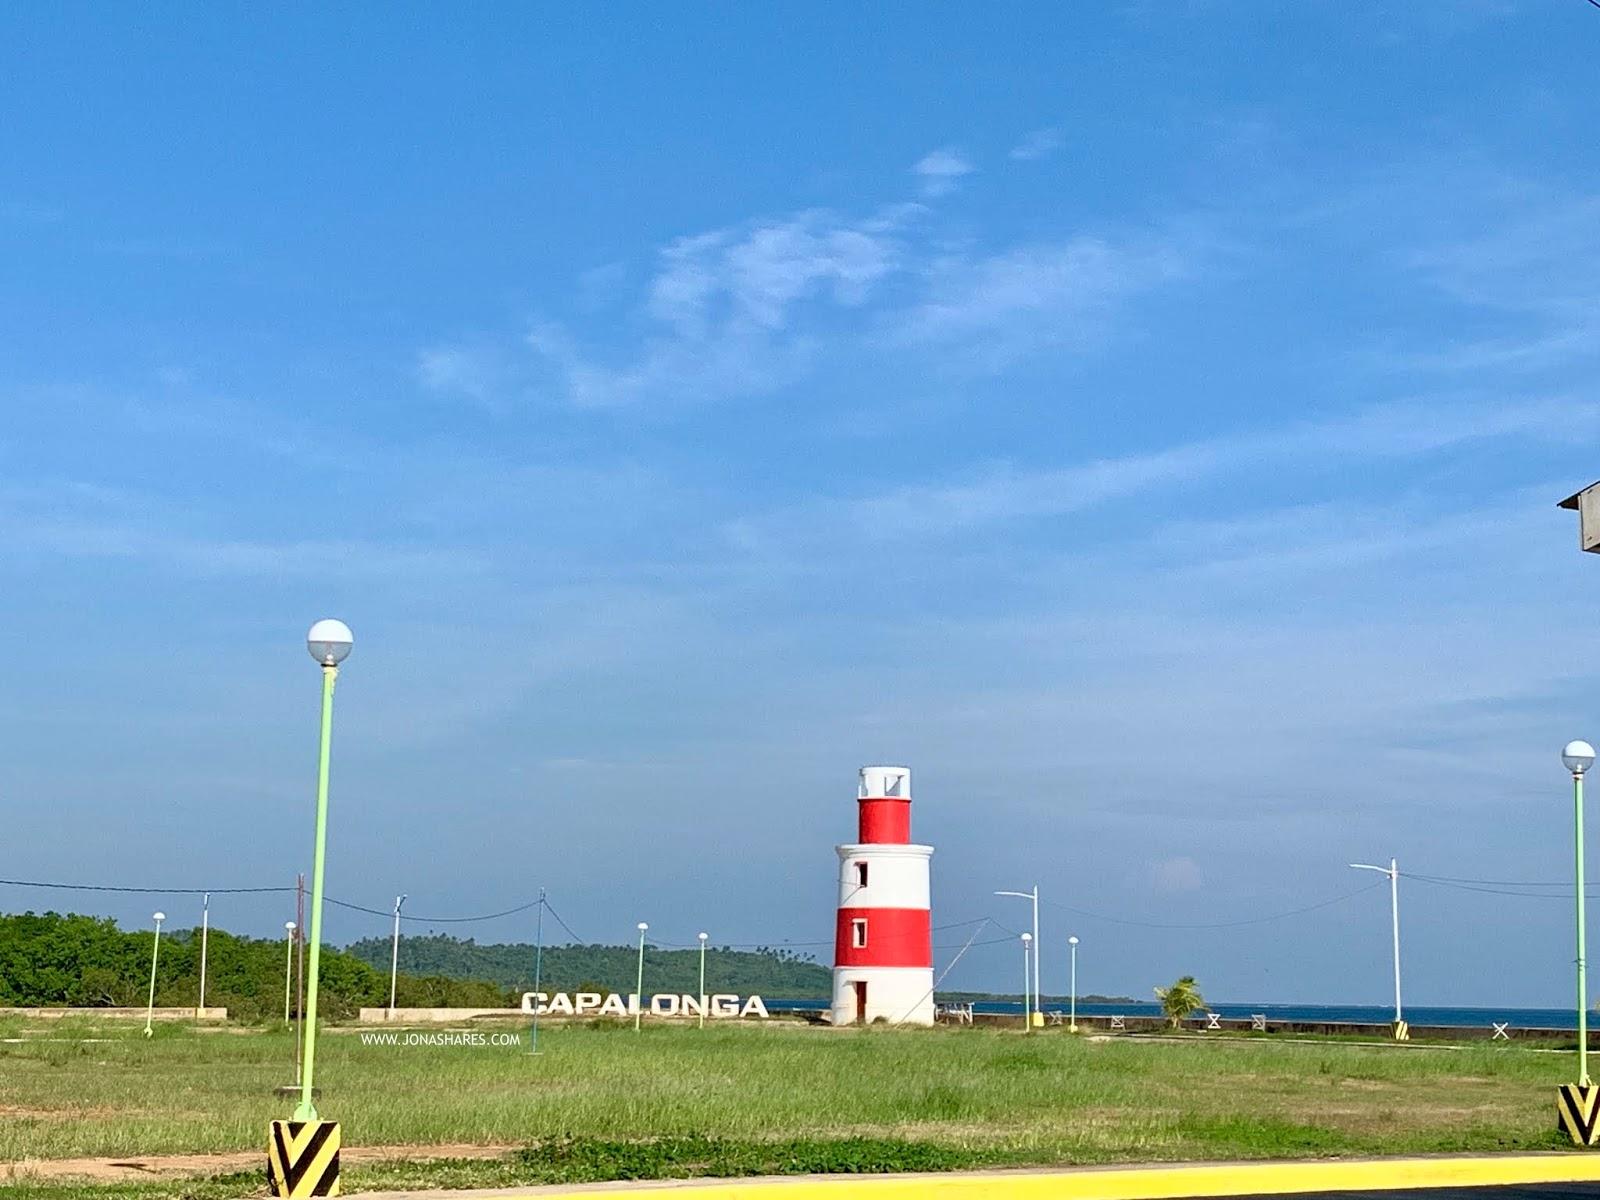 Capalonga Lighthouse